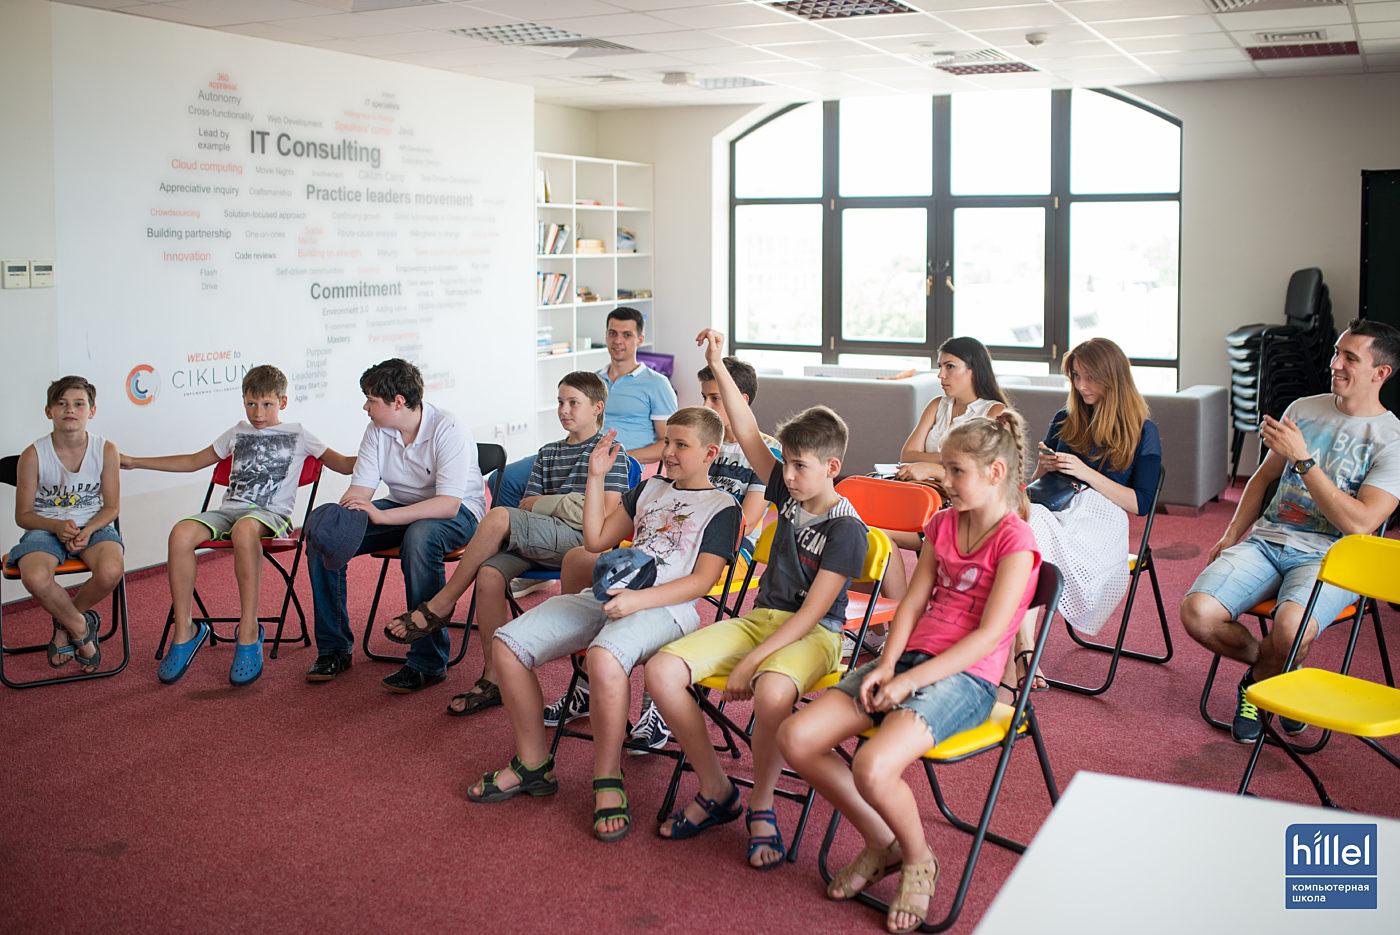 Новости школы: Детский IT-лагерь — лучший способ провести две недели летних каникул